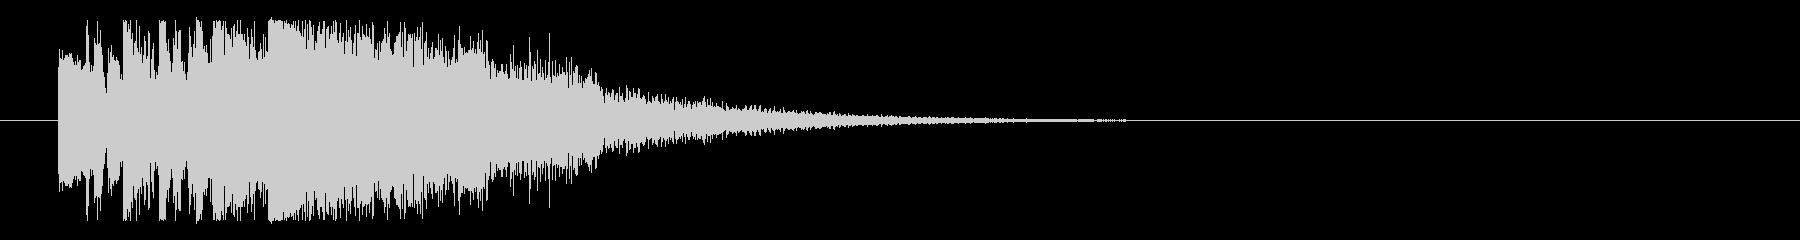 パーカッションのリズミカルなロゴの未再生の波形